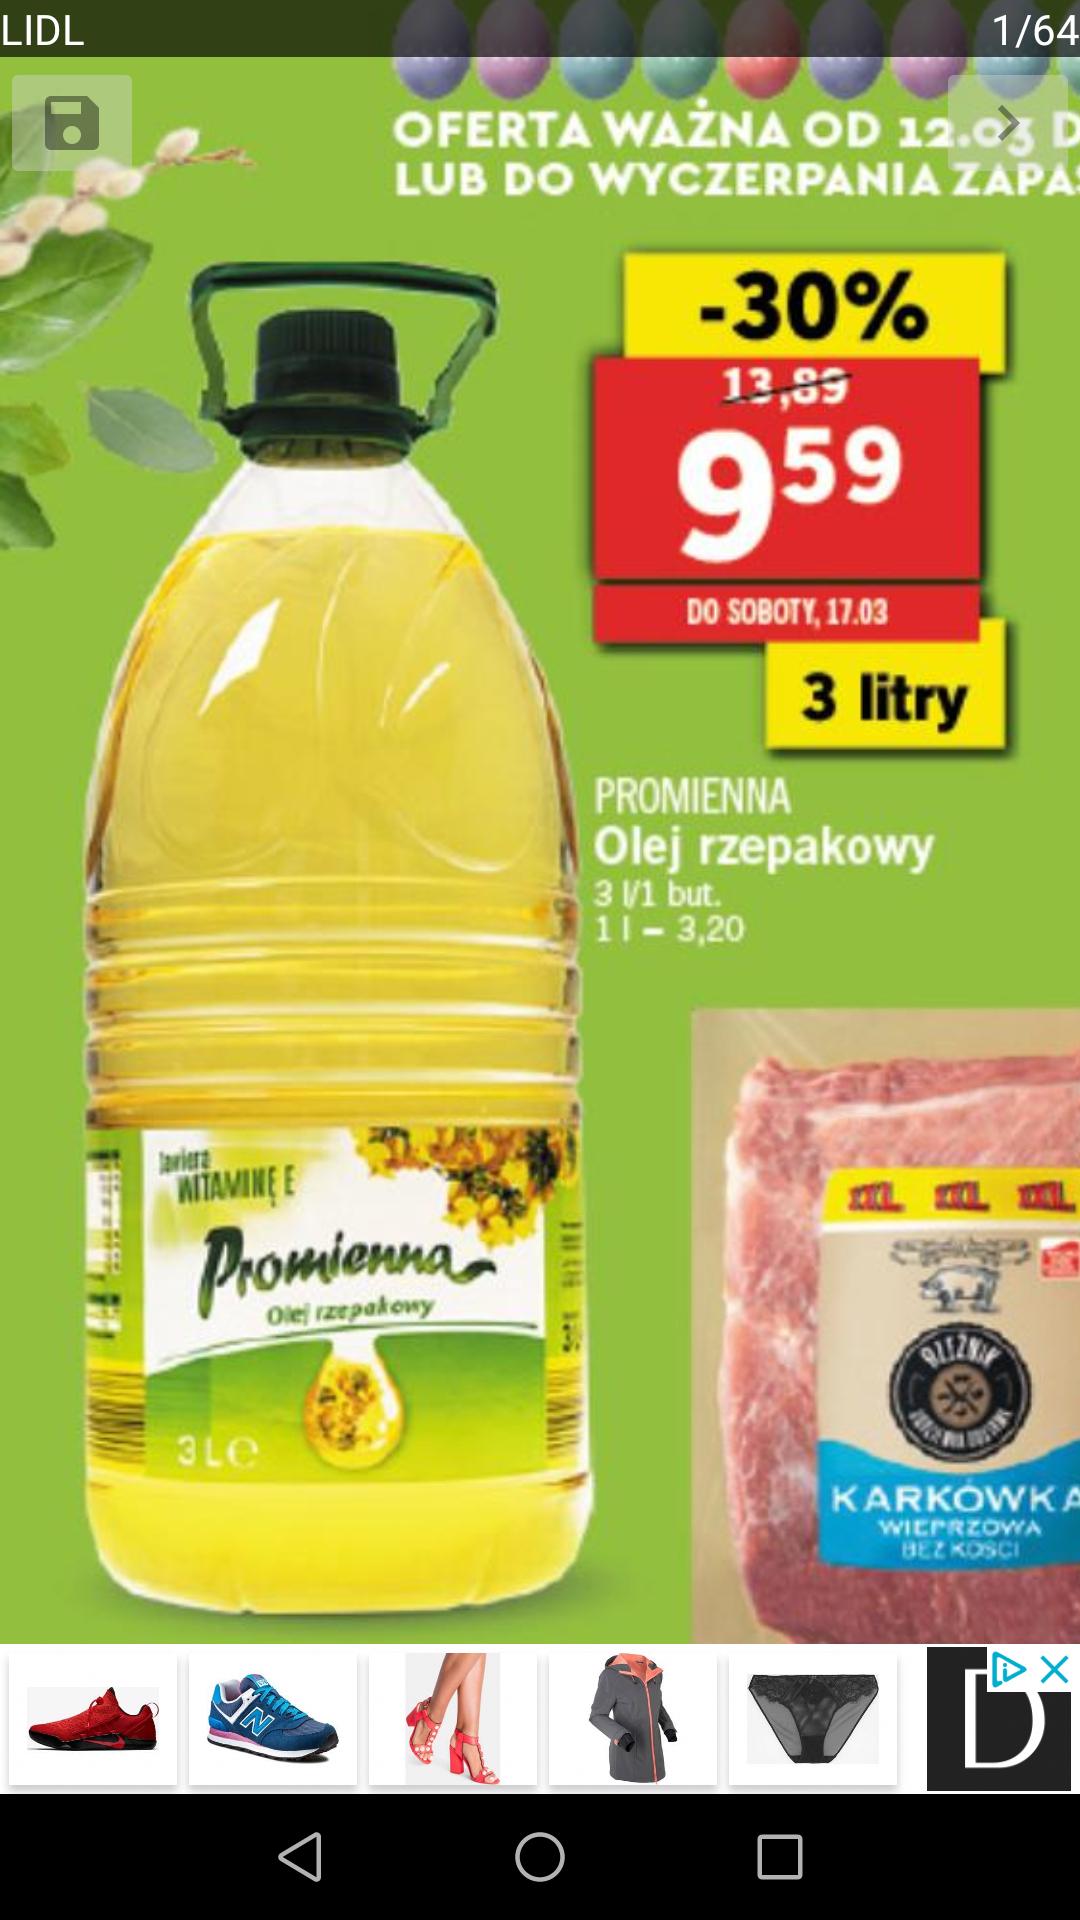 [Lidl] Olej rzepakowy Promienna 3 litry